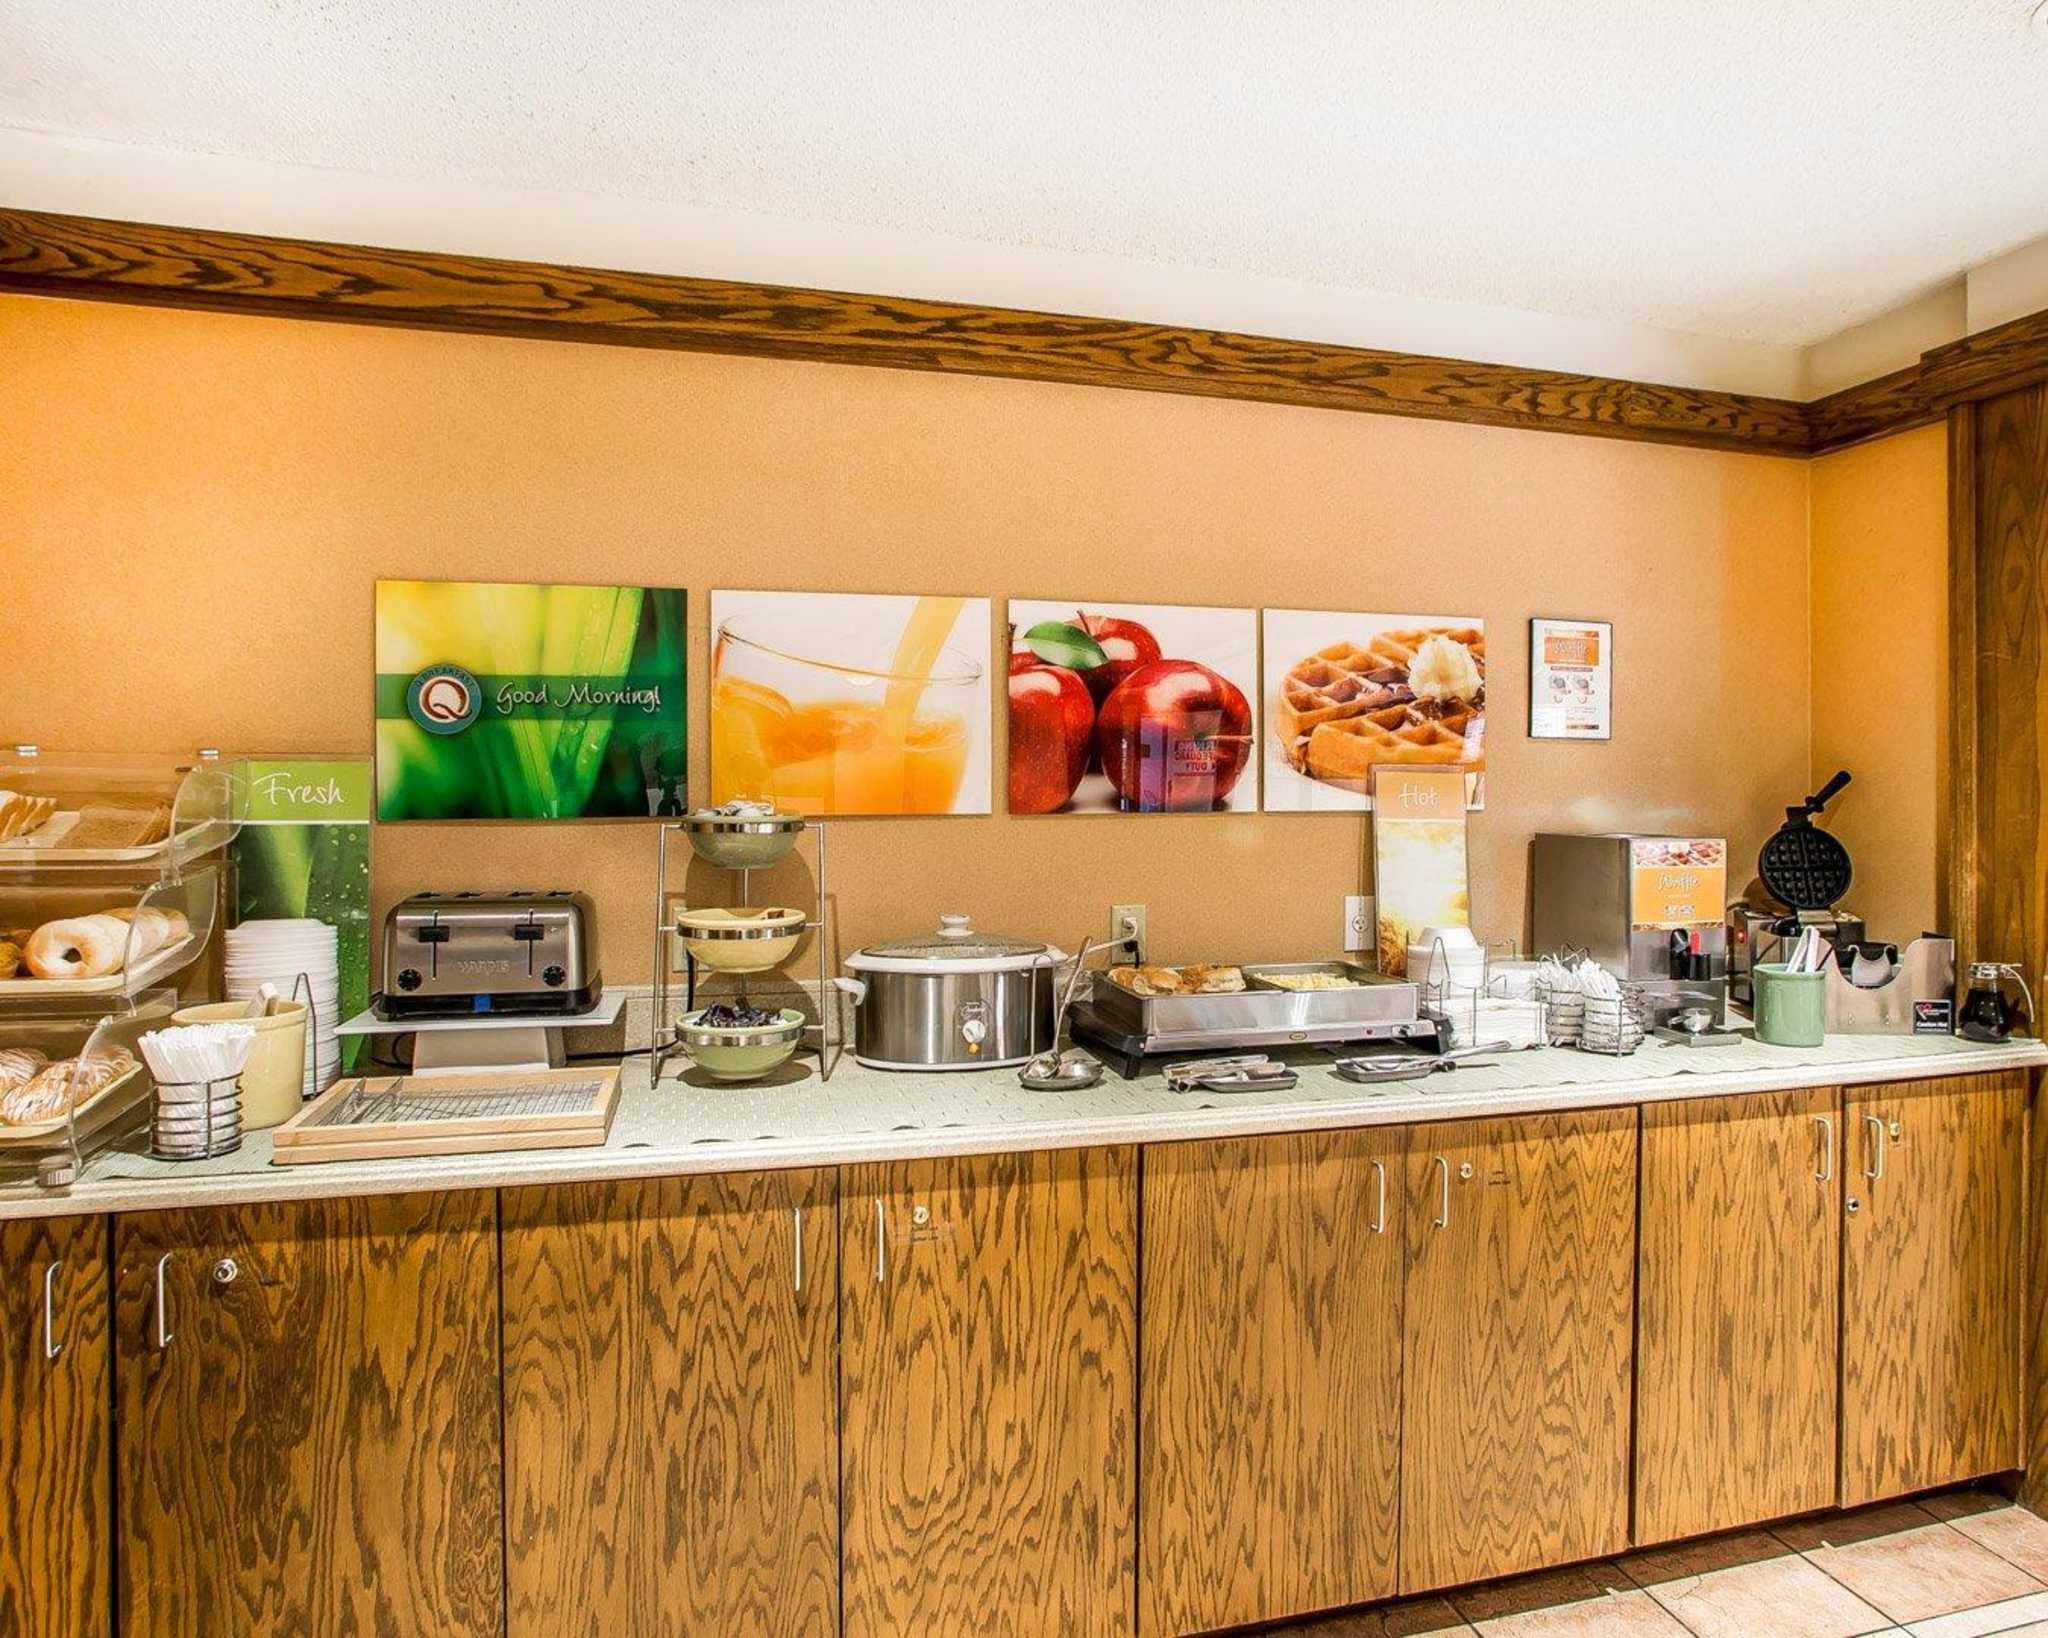 Quality Inn St. Robert - Ft. Leonard Wood image 25